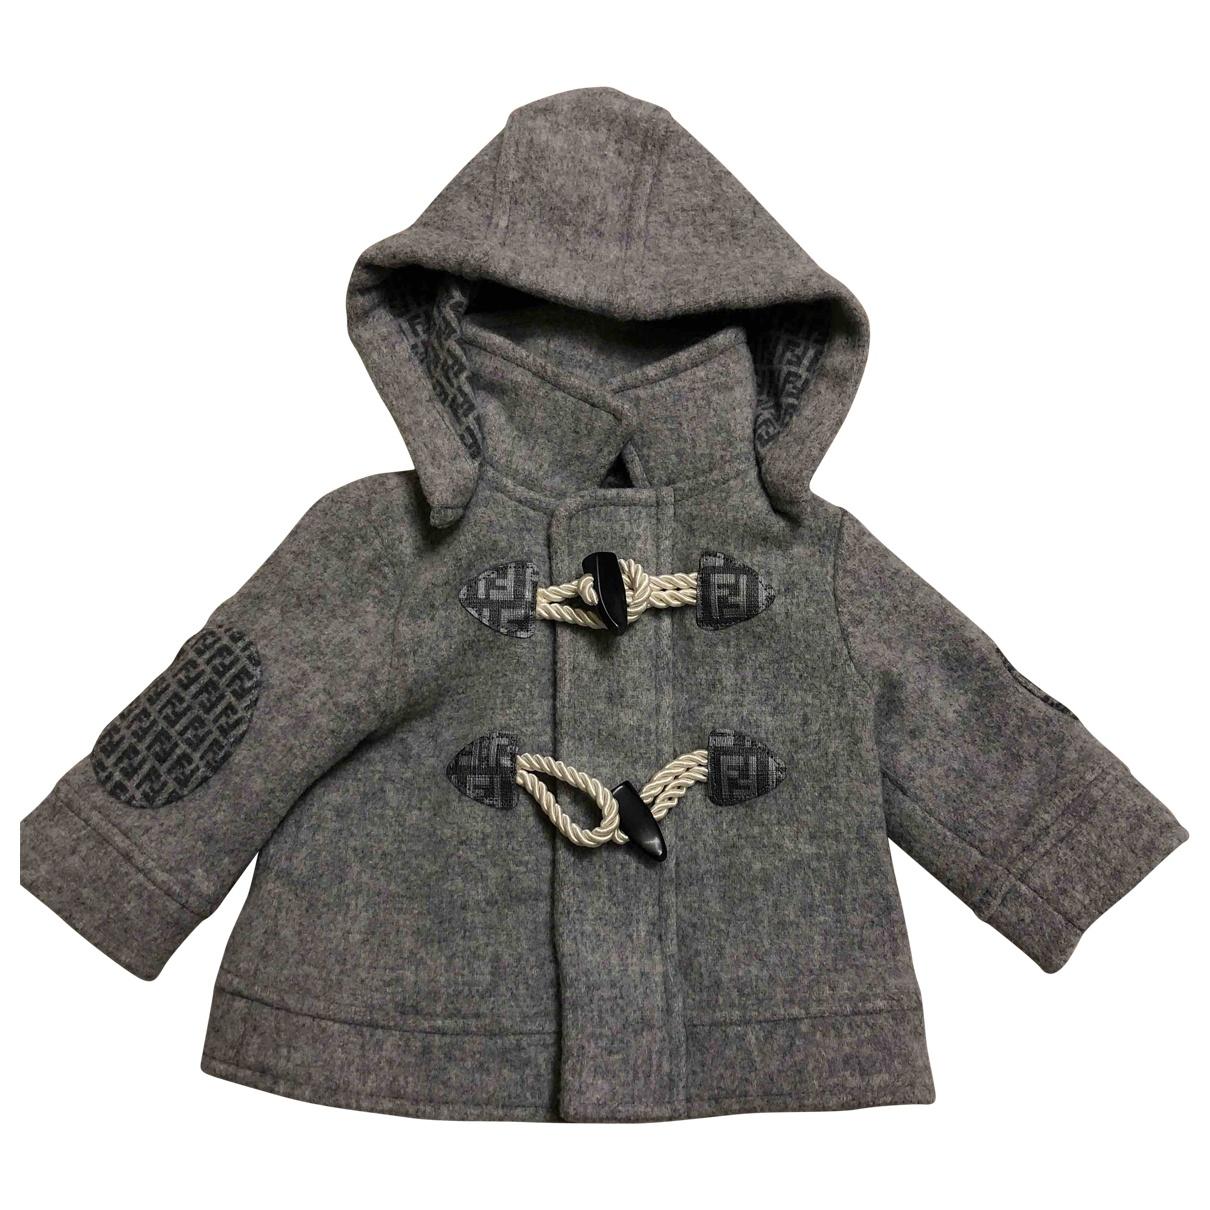 Fendi \N Jacke, Maentel in  Grau Wolle